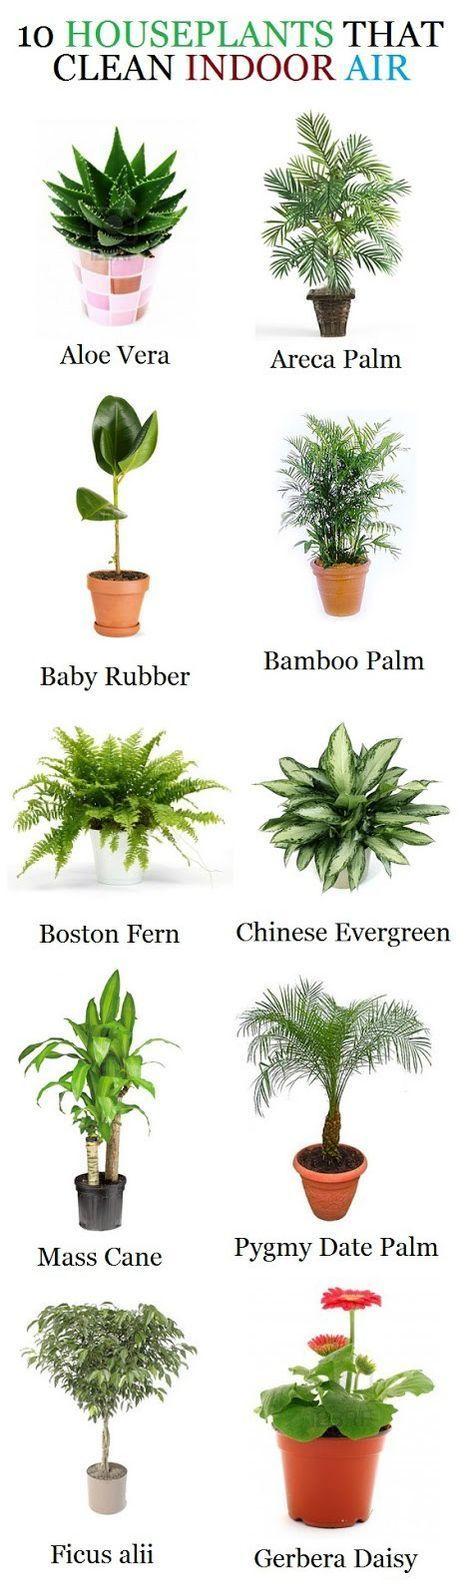 10 Houseplants that Clean Indoor Air #indoorgardening